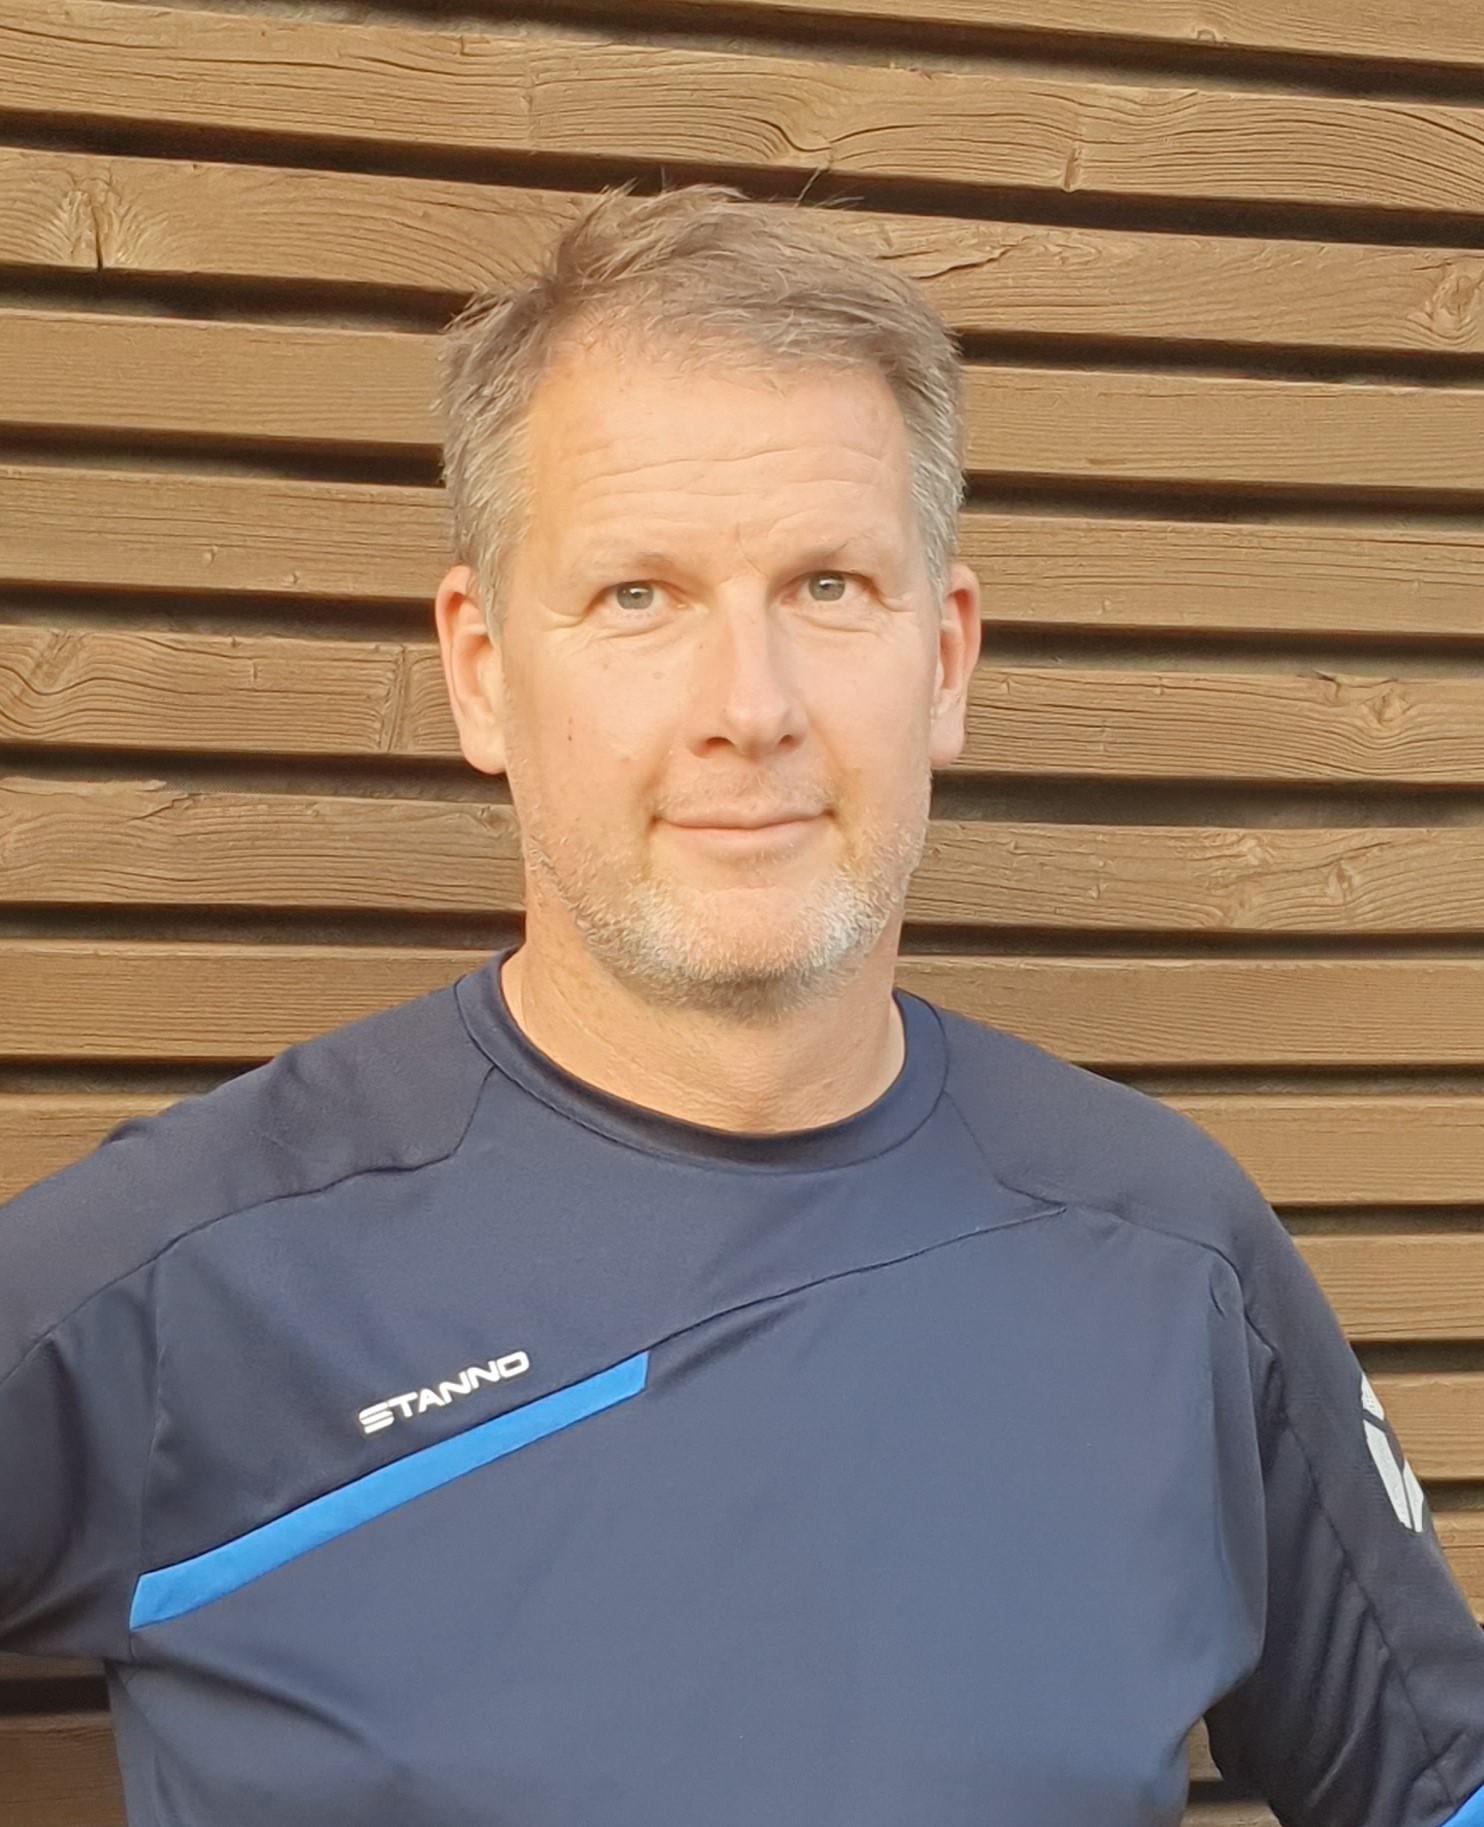 Björn Wiedenhöft